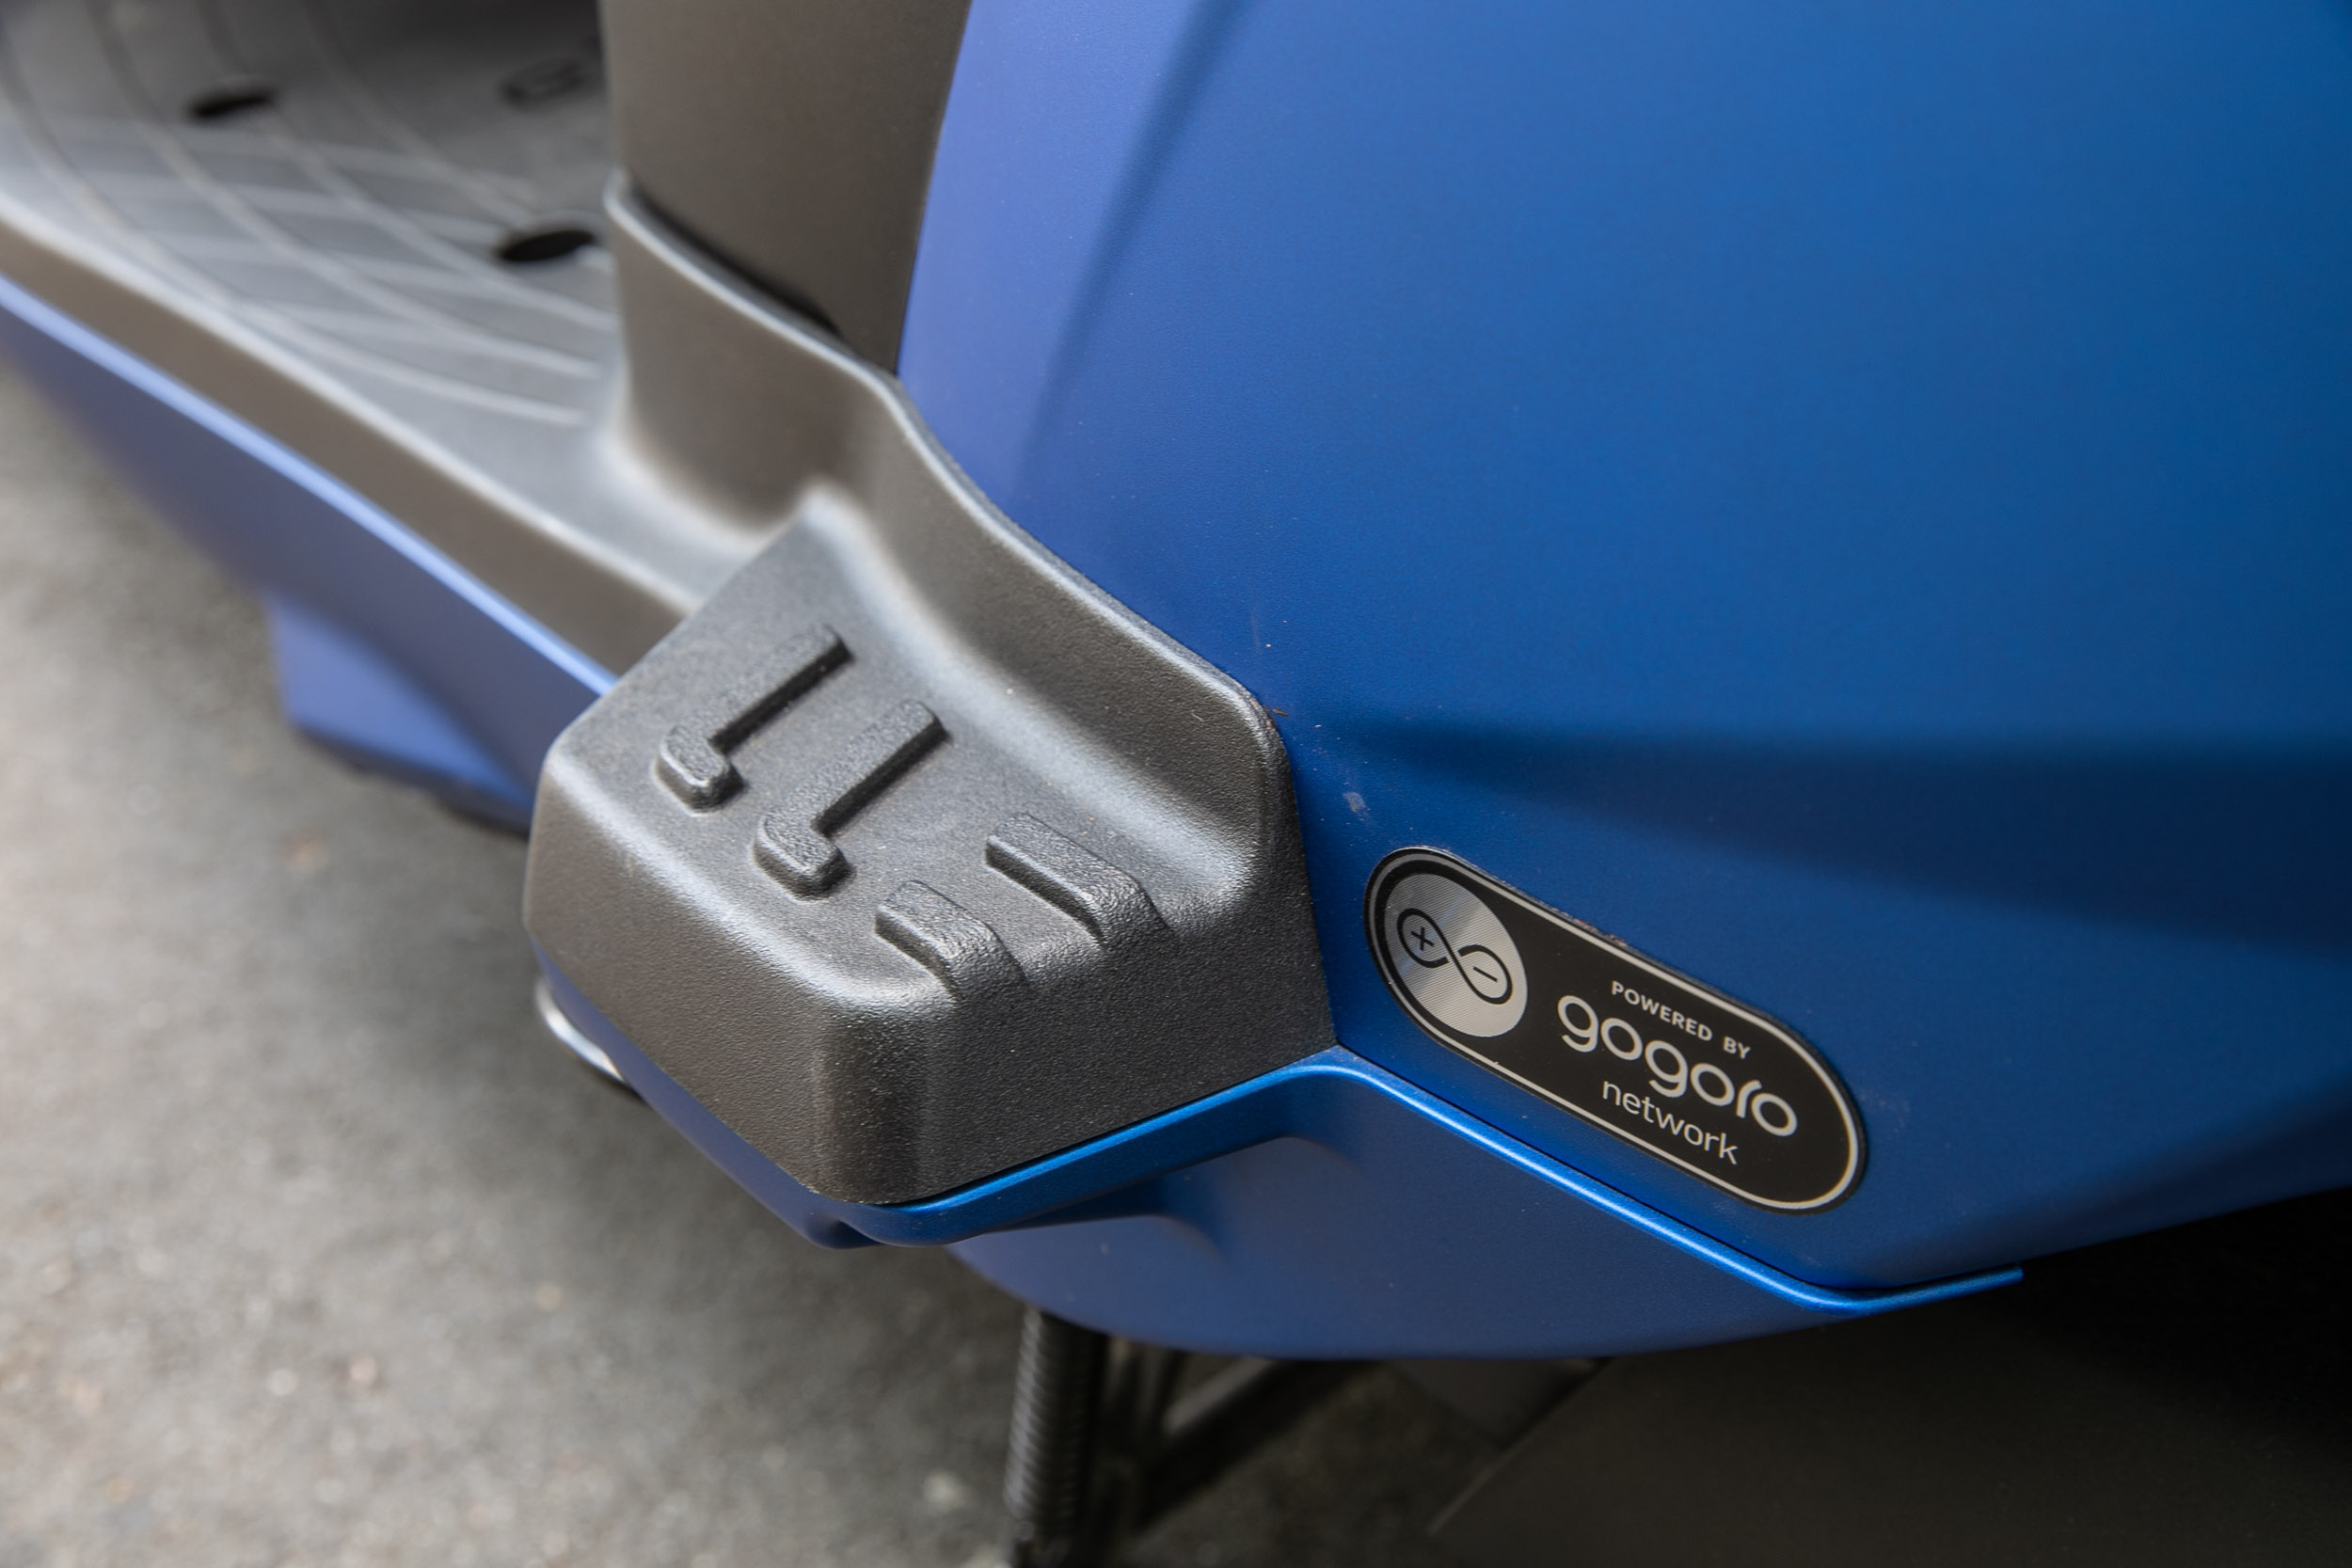 同樣採取固定式腳踏,對於後座乘客的舒適度不若飛旋踏板來得好。